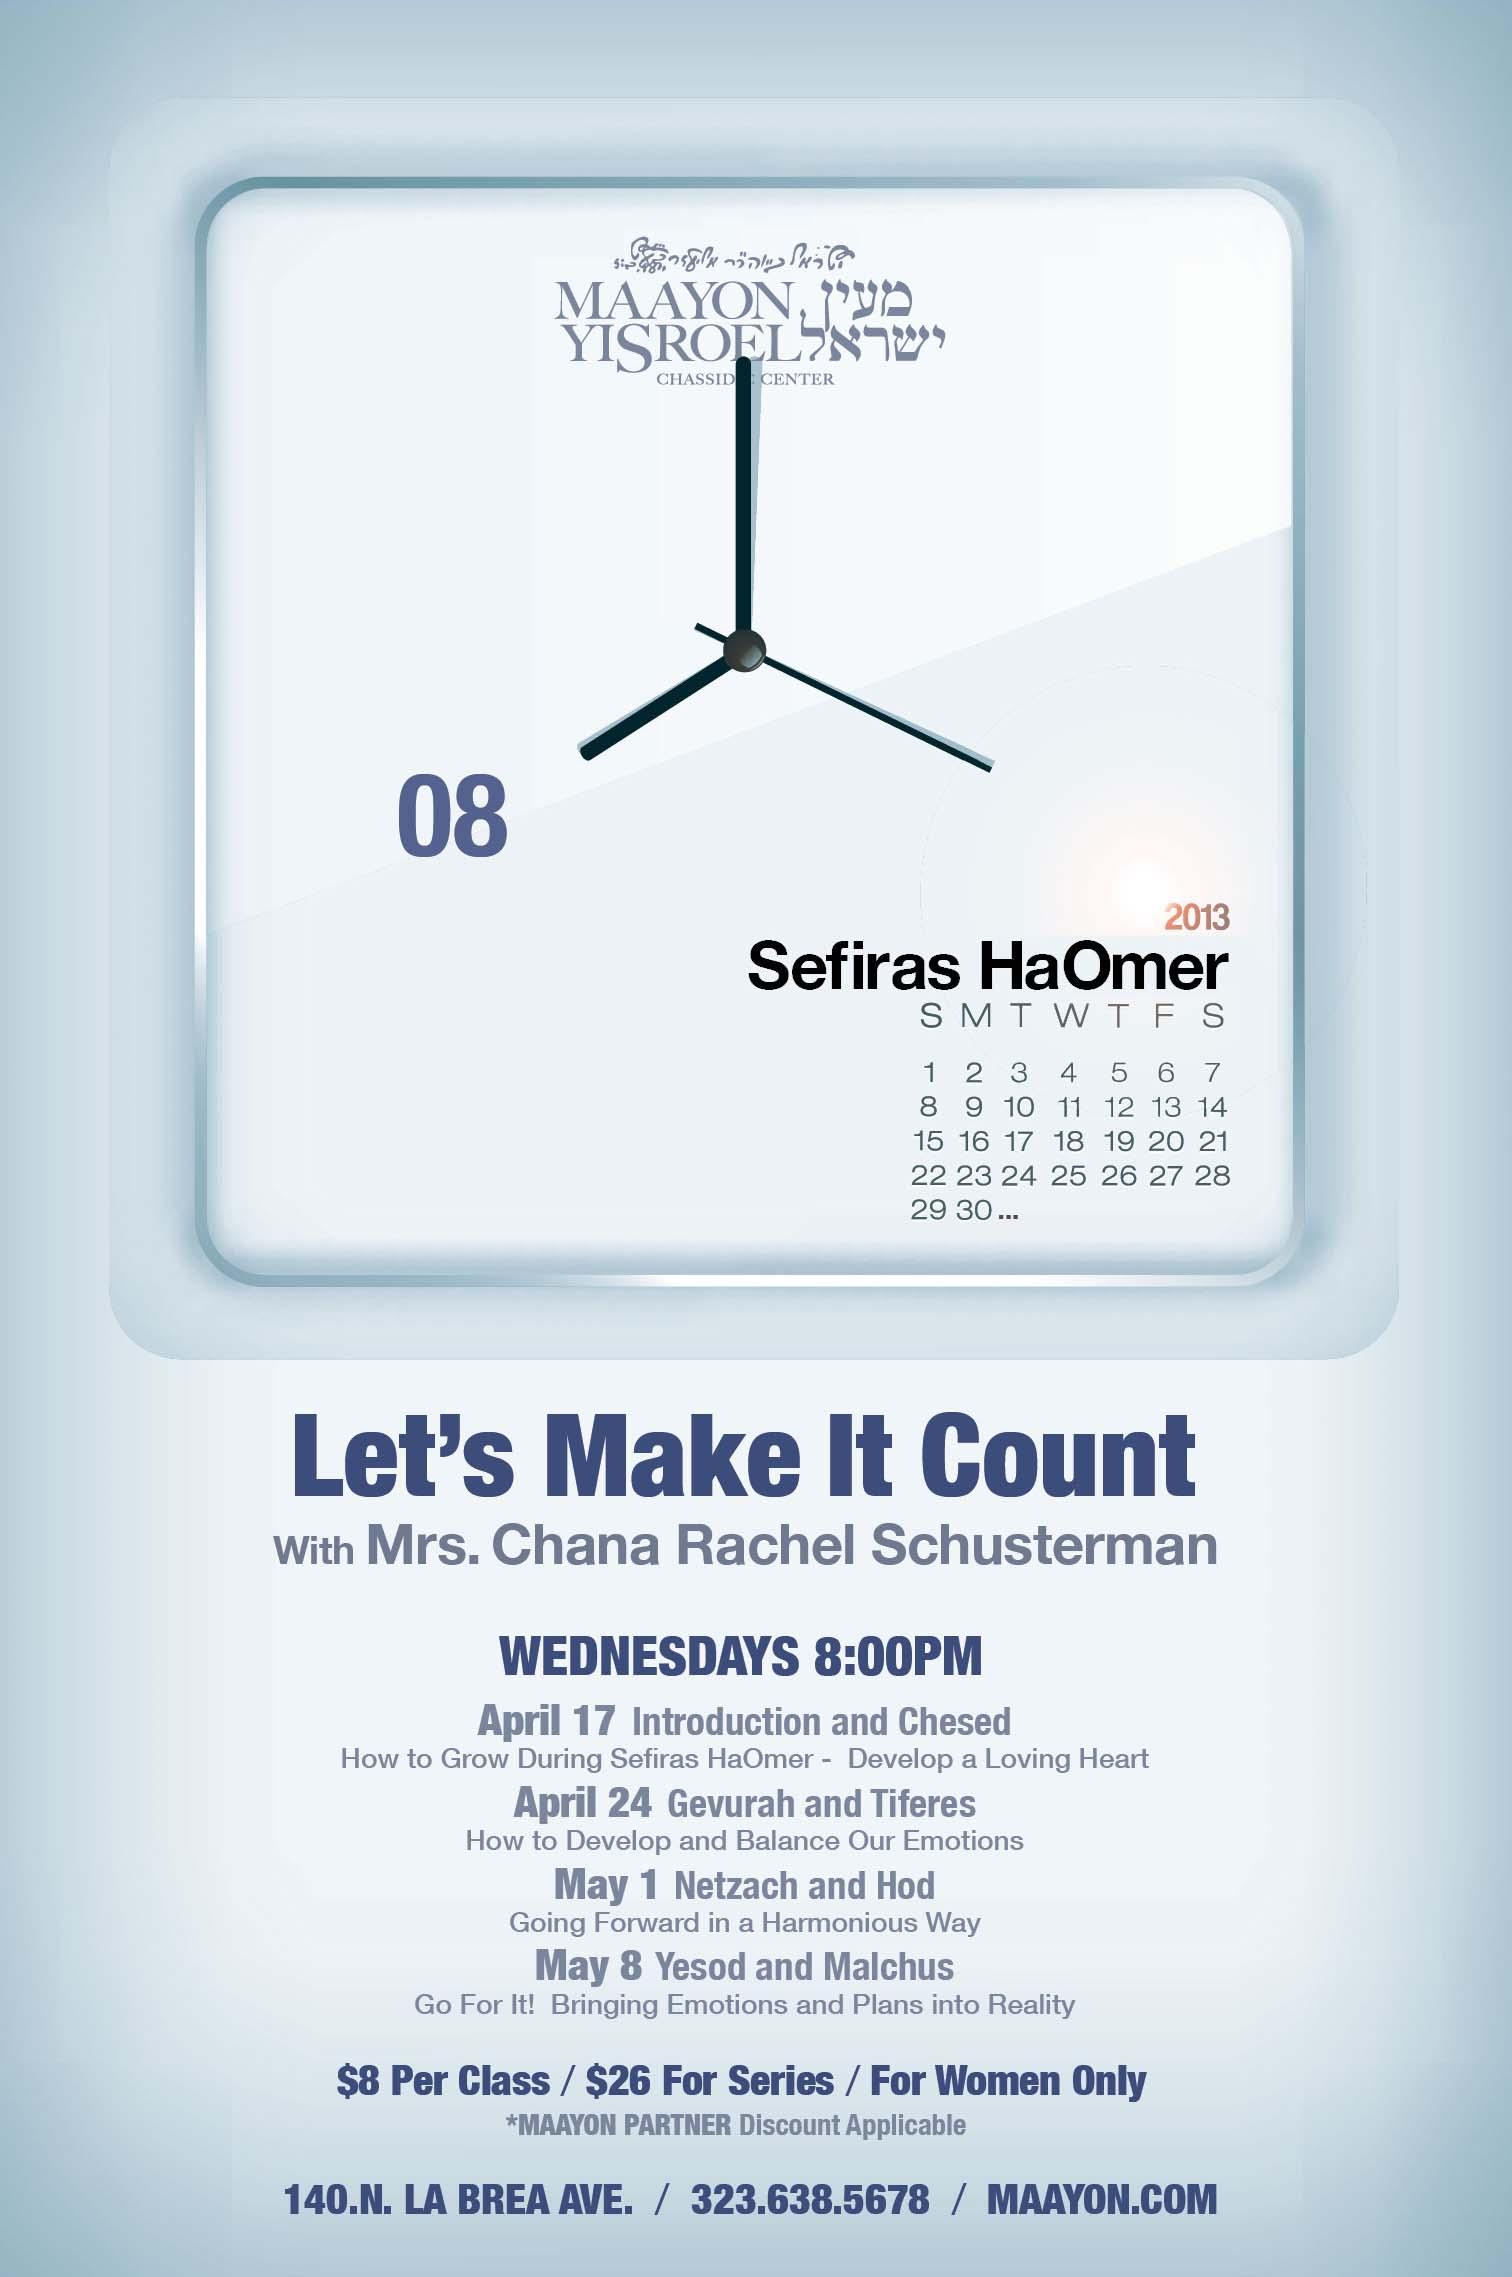 Sefiras HaOmer_Poster 2013_10x15_WEB copy